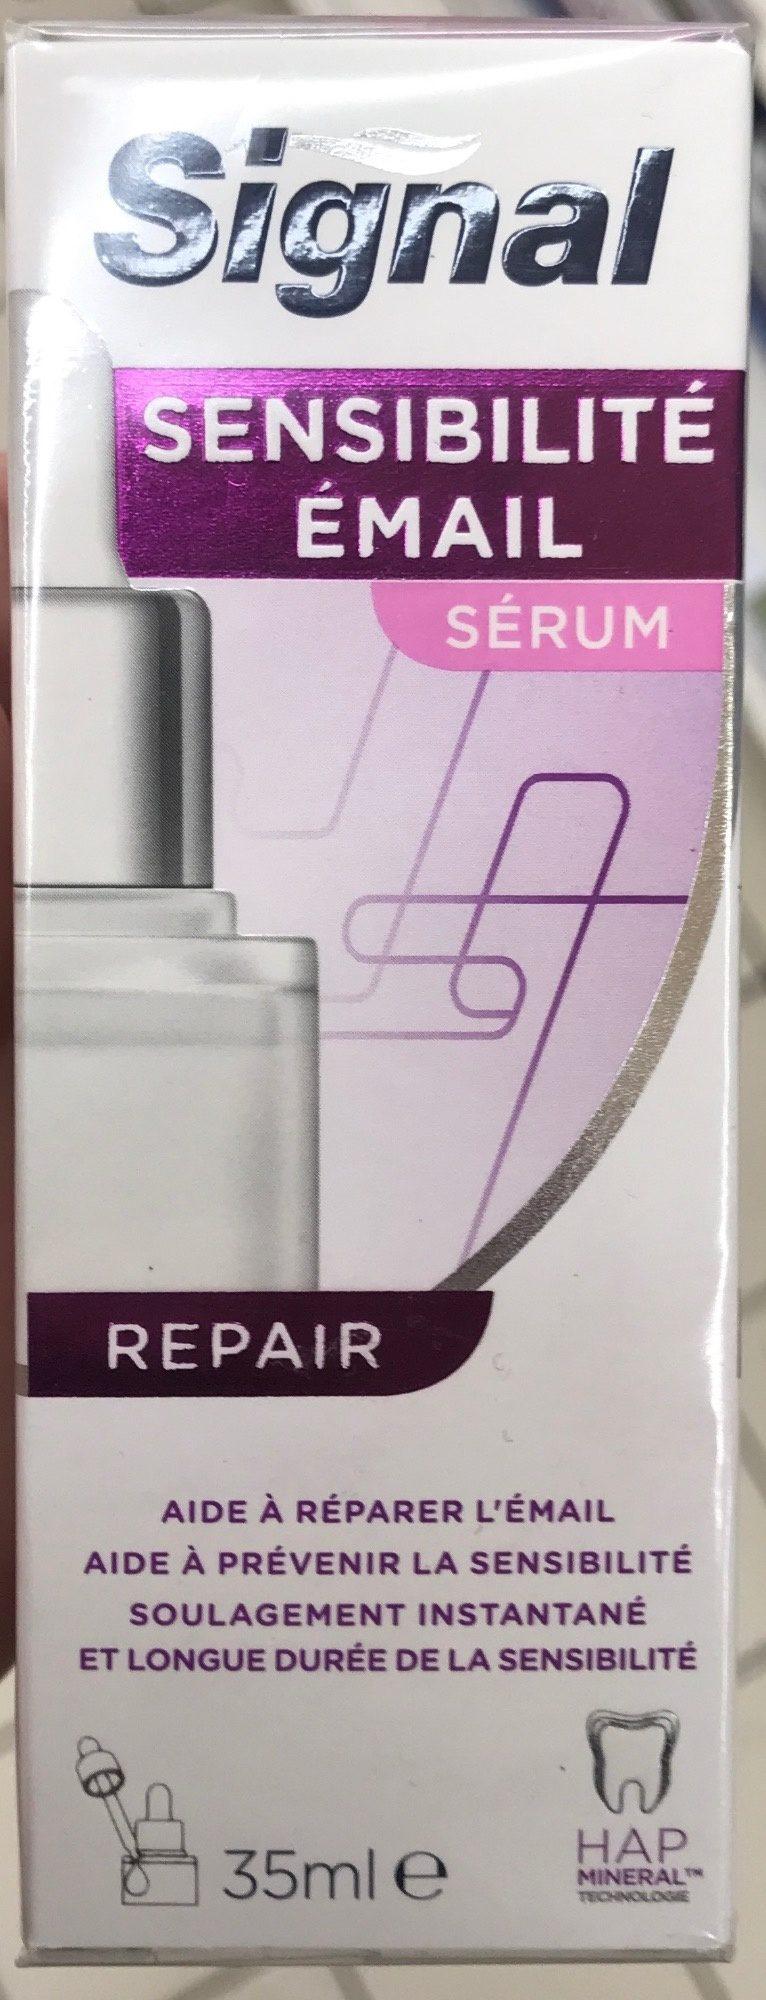 Sérum Sensibilité Email Repair - Product - fr